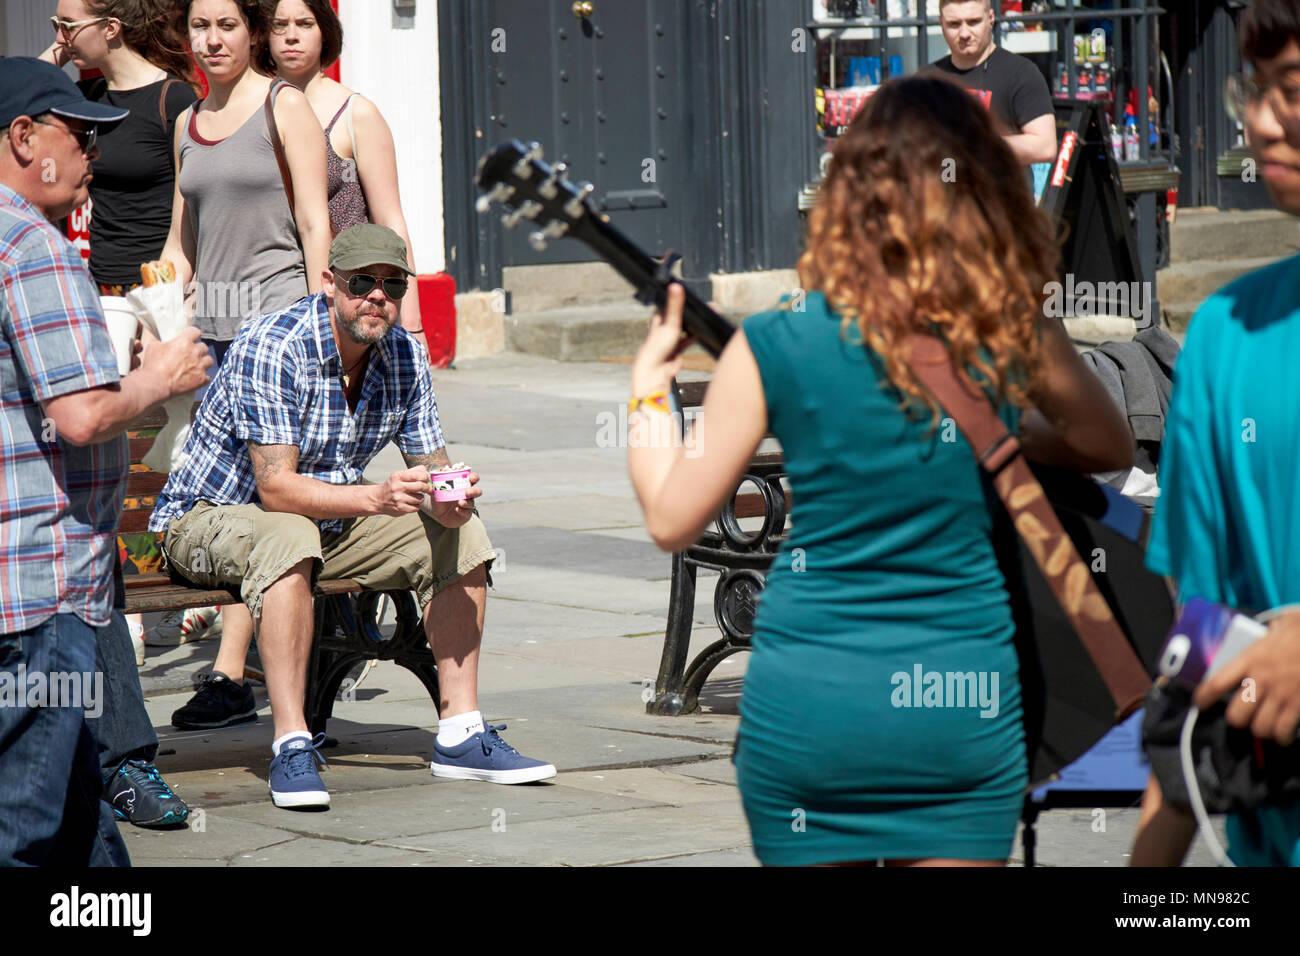 Macho y hembra de turista se sienta relojes músico callejero jugar en el sol en el patio de la abadía de Bath Inglaterra Imagen De Stock